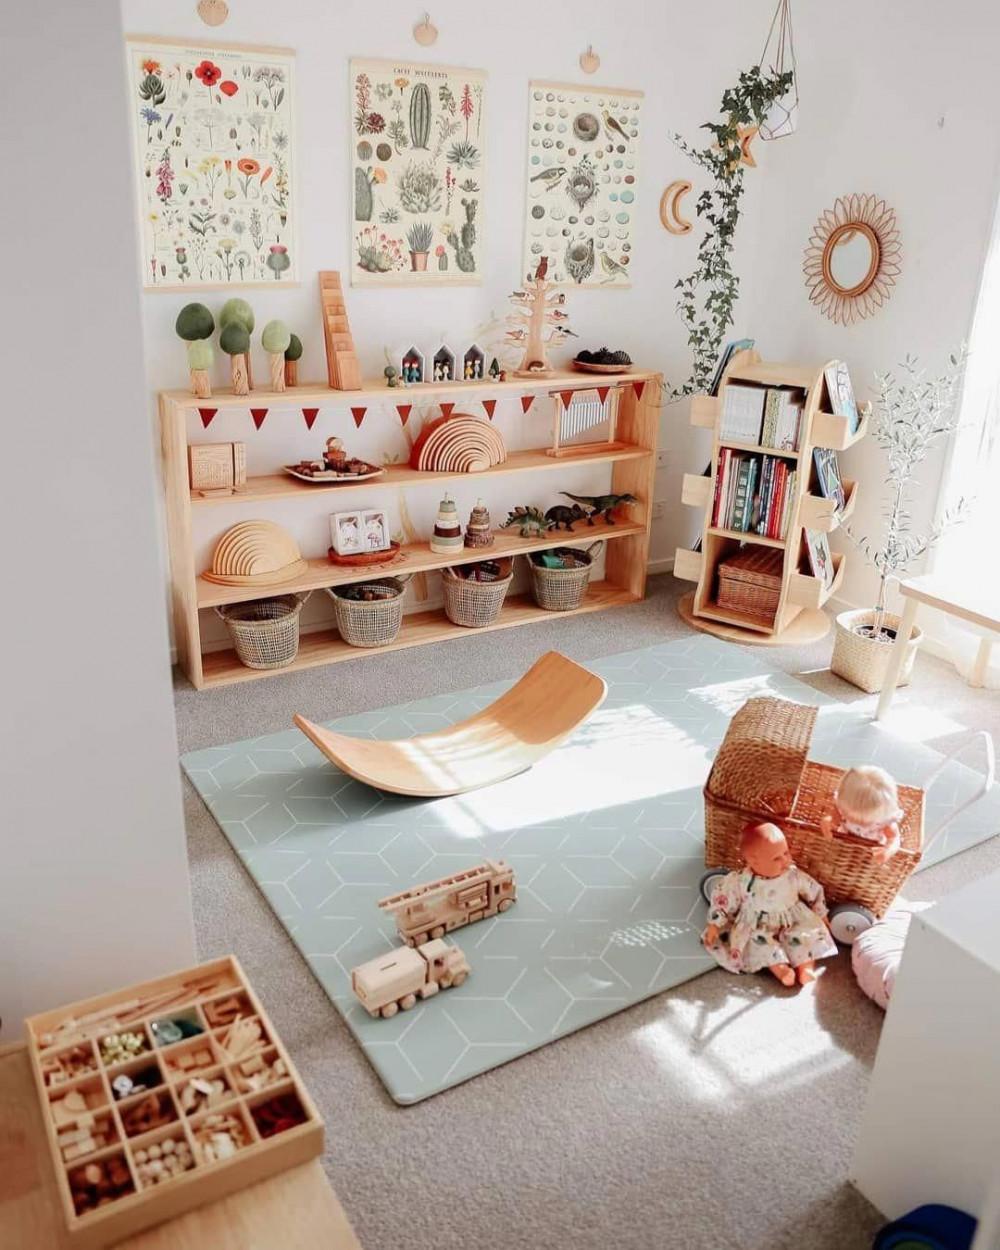 Hình 3. Một không gian vui chơi dễ thương và thân thiện với trẻ em với đồ nội thất bằng gỗ tự nhiên, đồ chơi và chậu cây xinh xắn và áp phích thực vật sống động gần gũi kích thích trí tưởng tượng của bé.